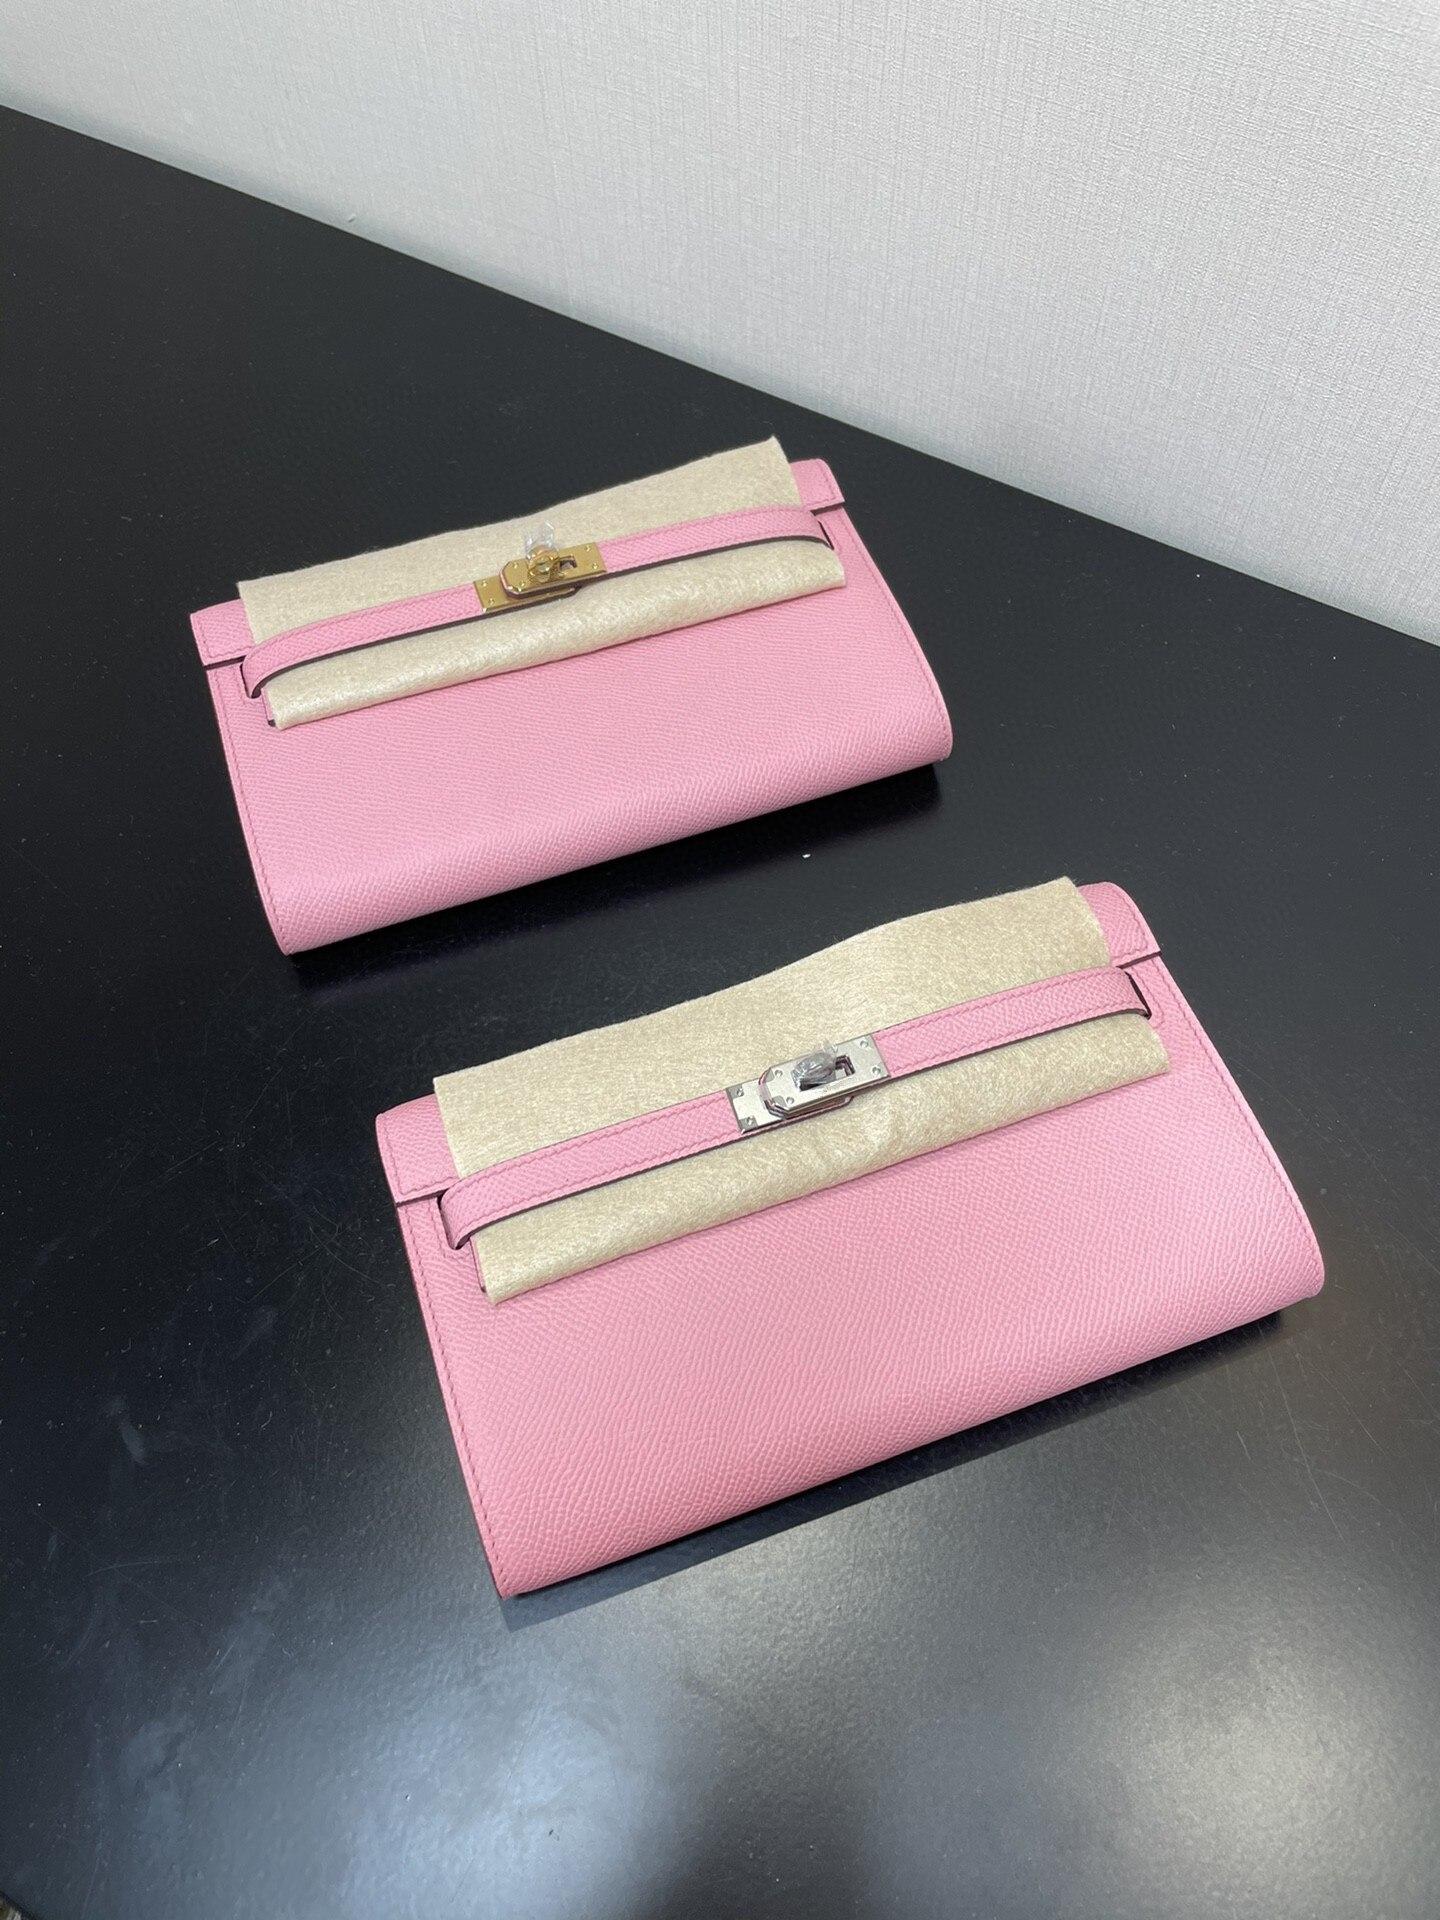 المرأة المصممين المحفظة ، العلامة التجارية Woc المحفظة ، اللون الوردي ، جلد Epsom ، جودة اليدوية ، وسرعة التسليم